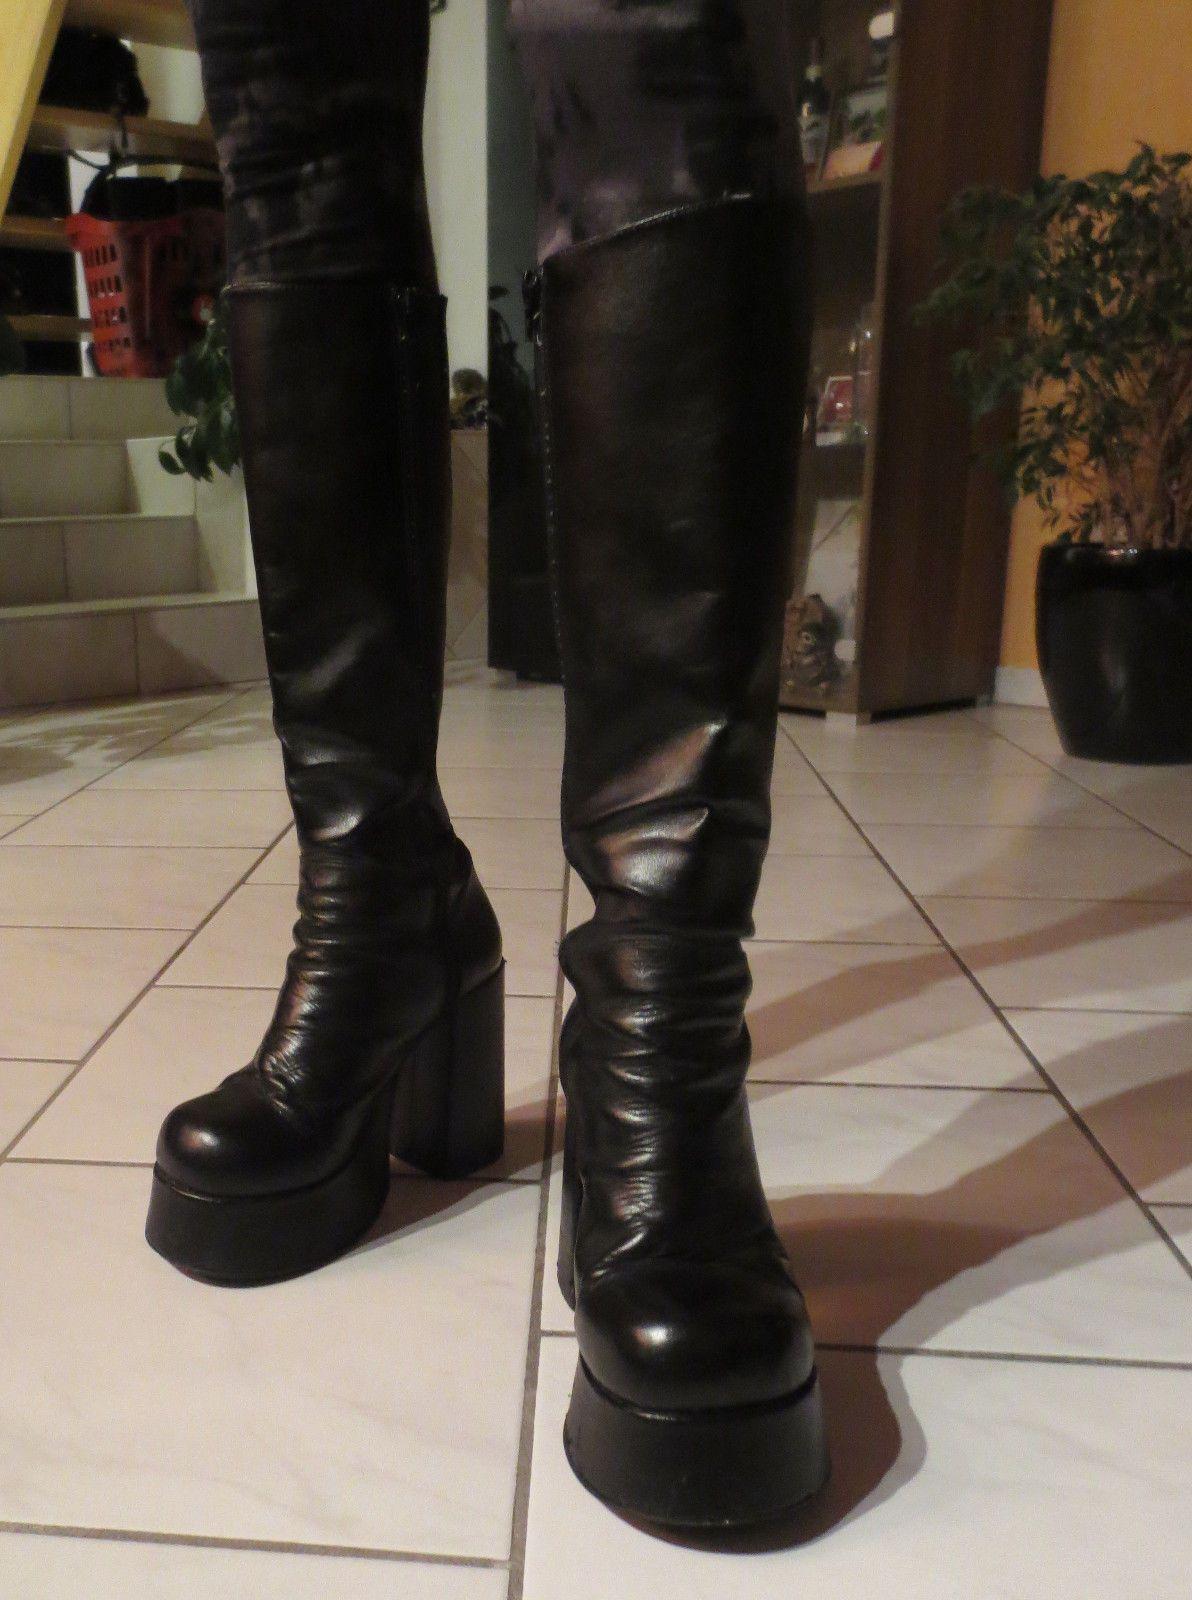 BUFFALO T 24400 Plateau Stiefel Gr. 39 Leder schwarz Gothic